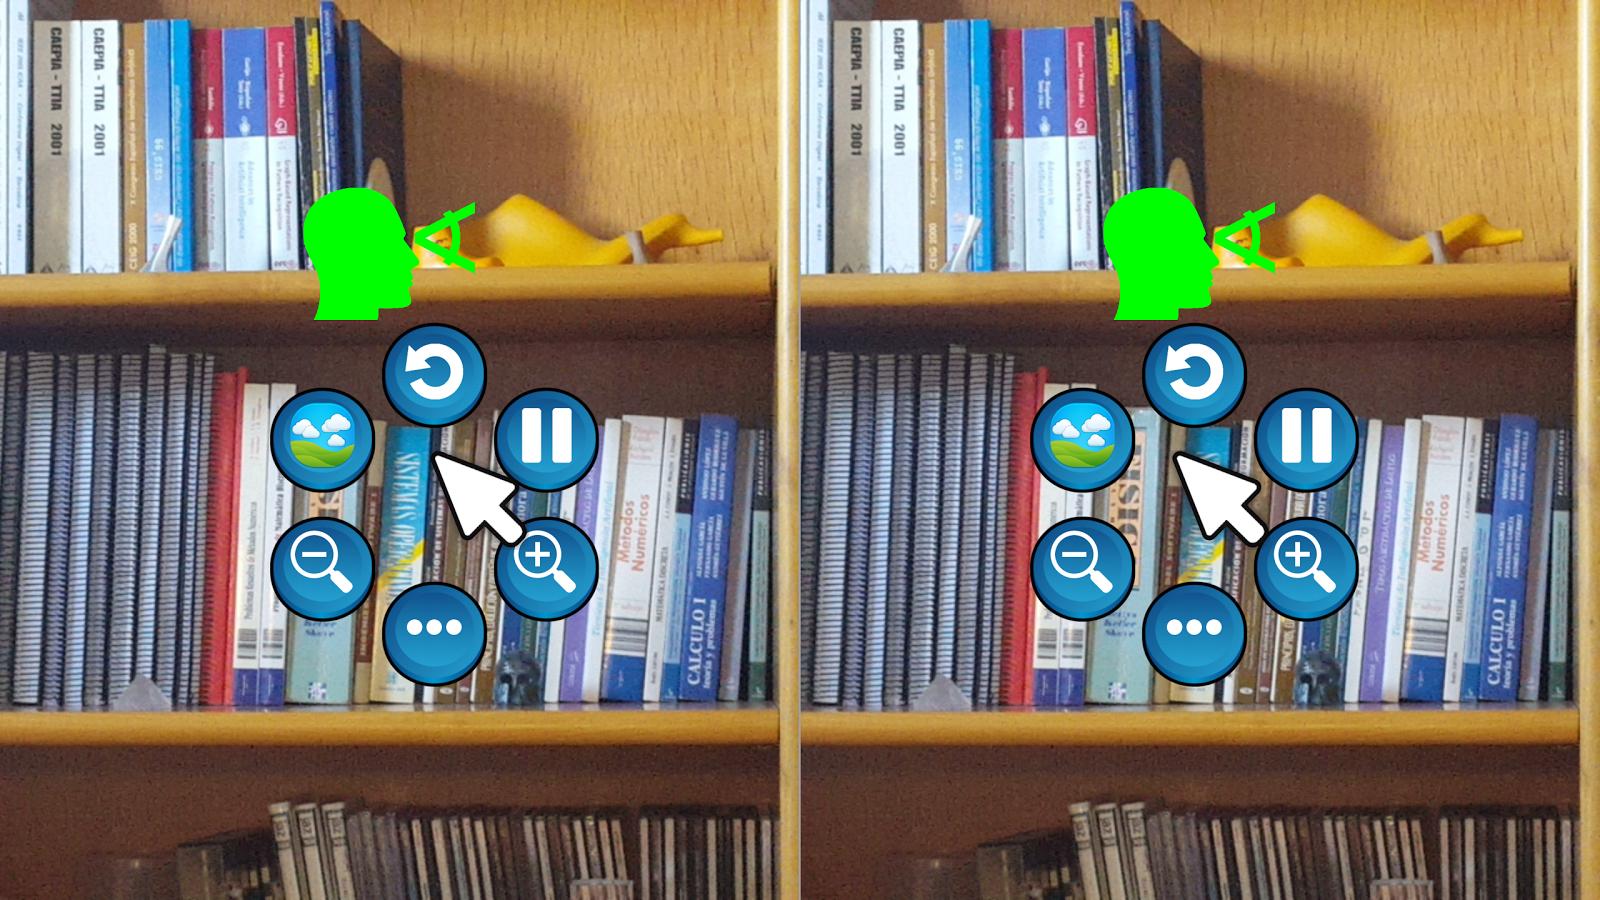 Pantalla del móvil en horizontal dividida en dos partes, una para cada ojo, mostrando un ejemplo de utilización y controles de manejo